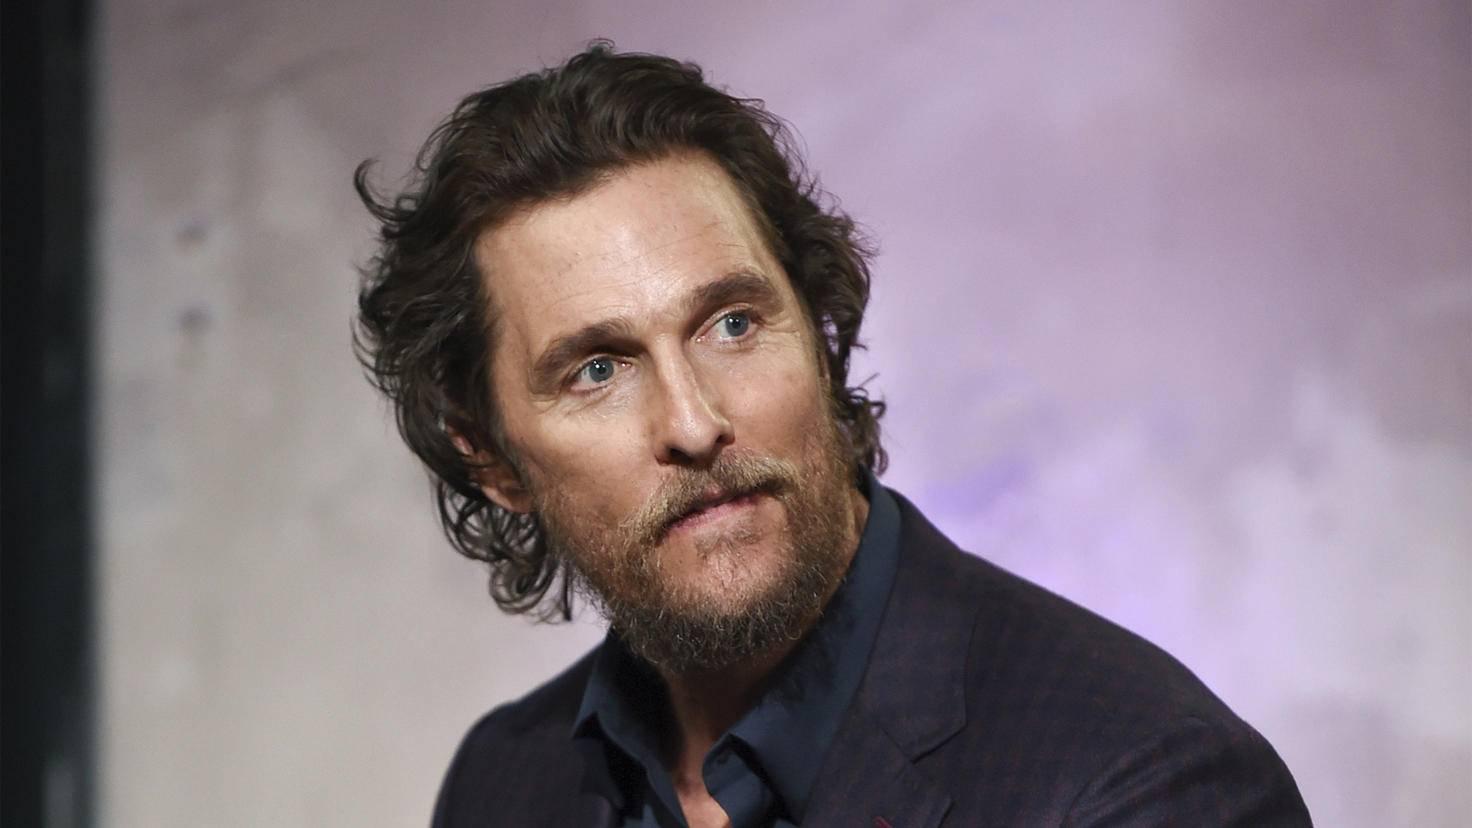 Für eine Rolle als Quoten-Promi war sich Matthew McConaughey zu schade.